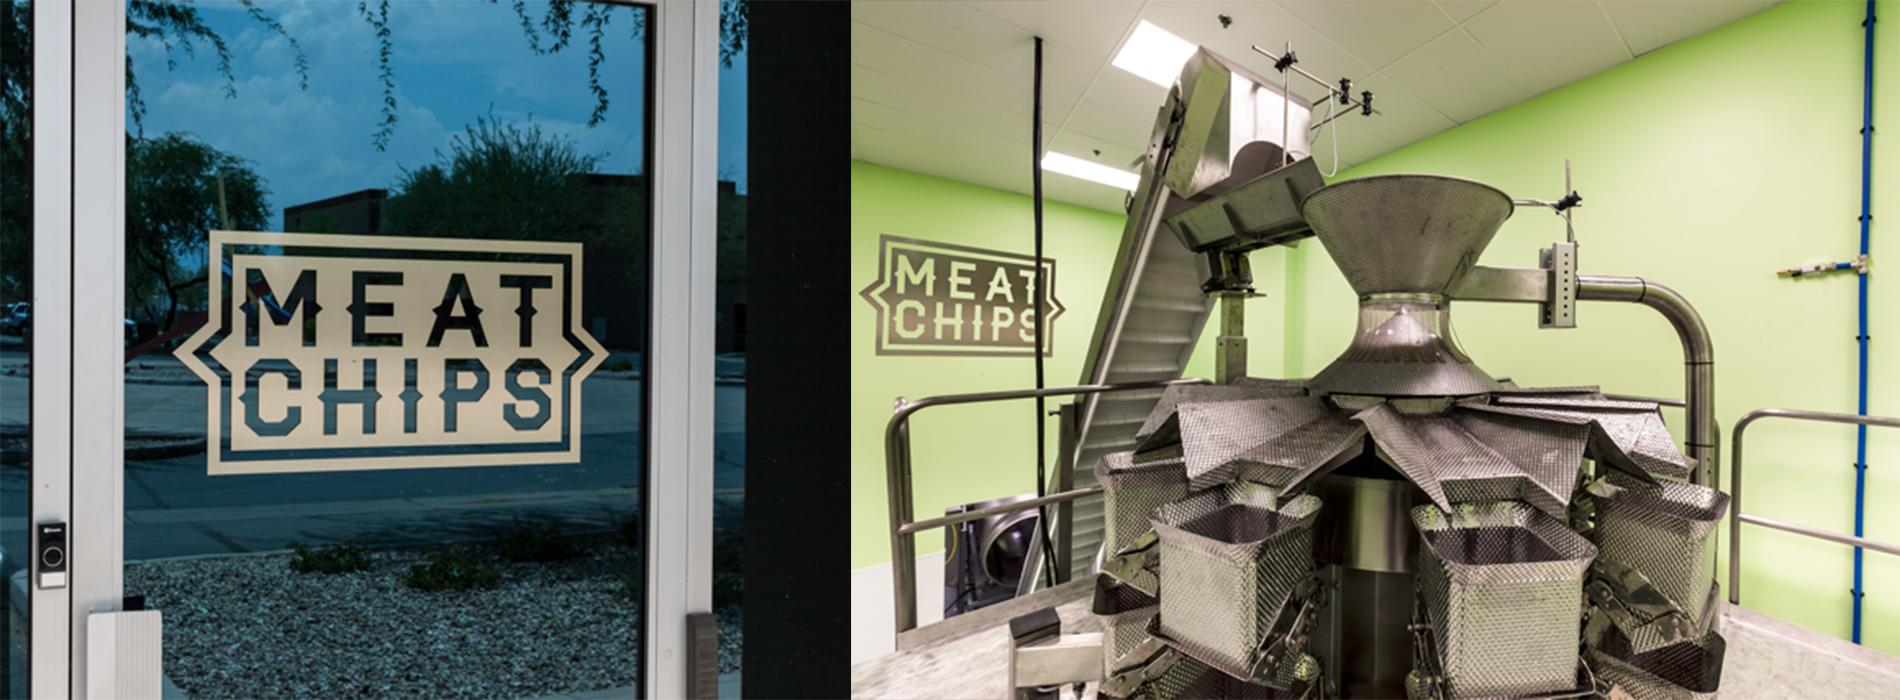 MeatChips-Landscape-for-Web.jpg